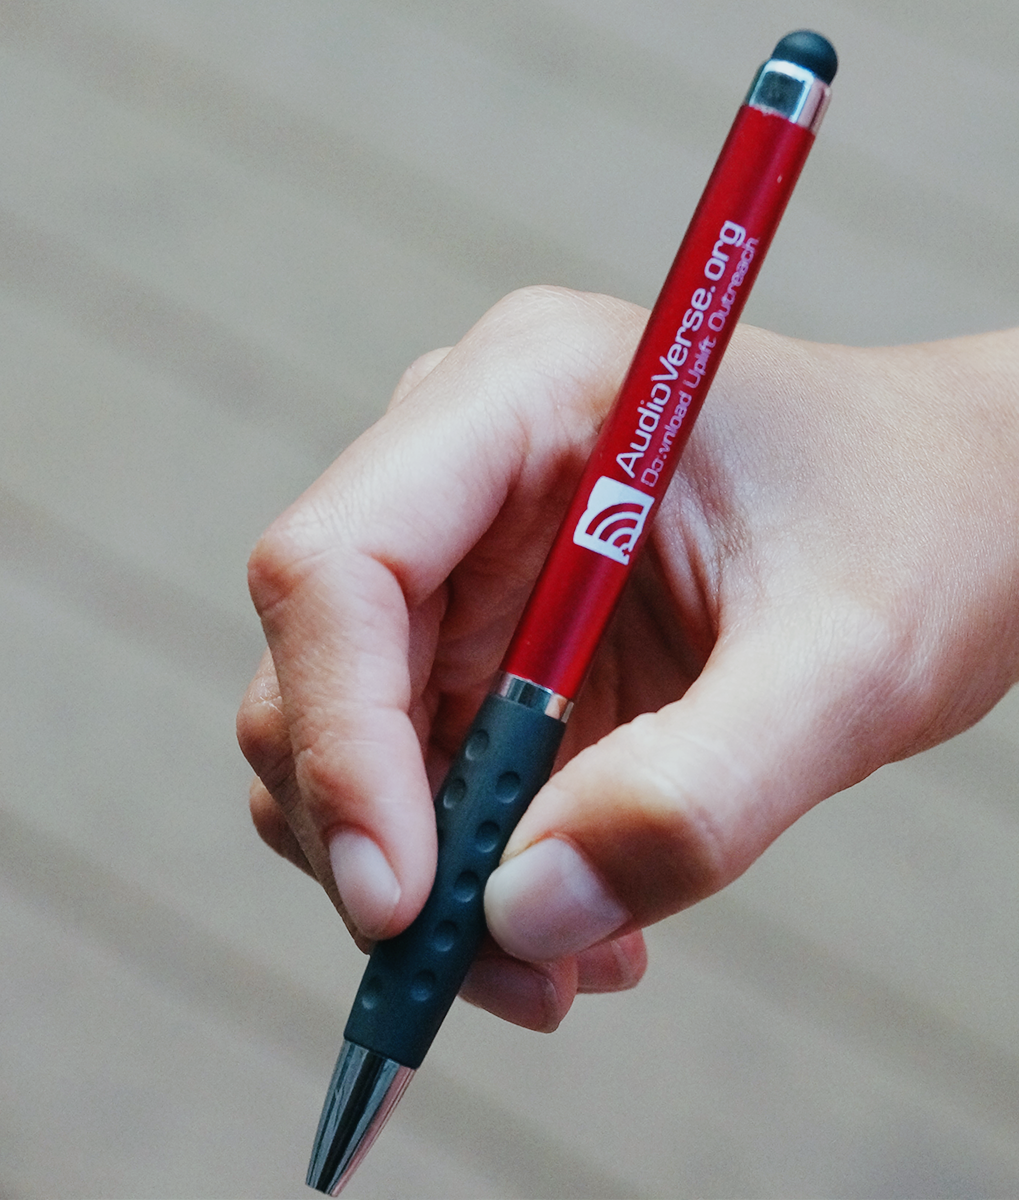 audioverse stylus pen set of 25 audioverse store